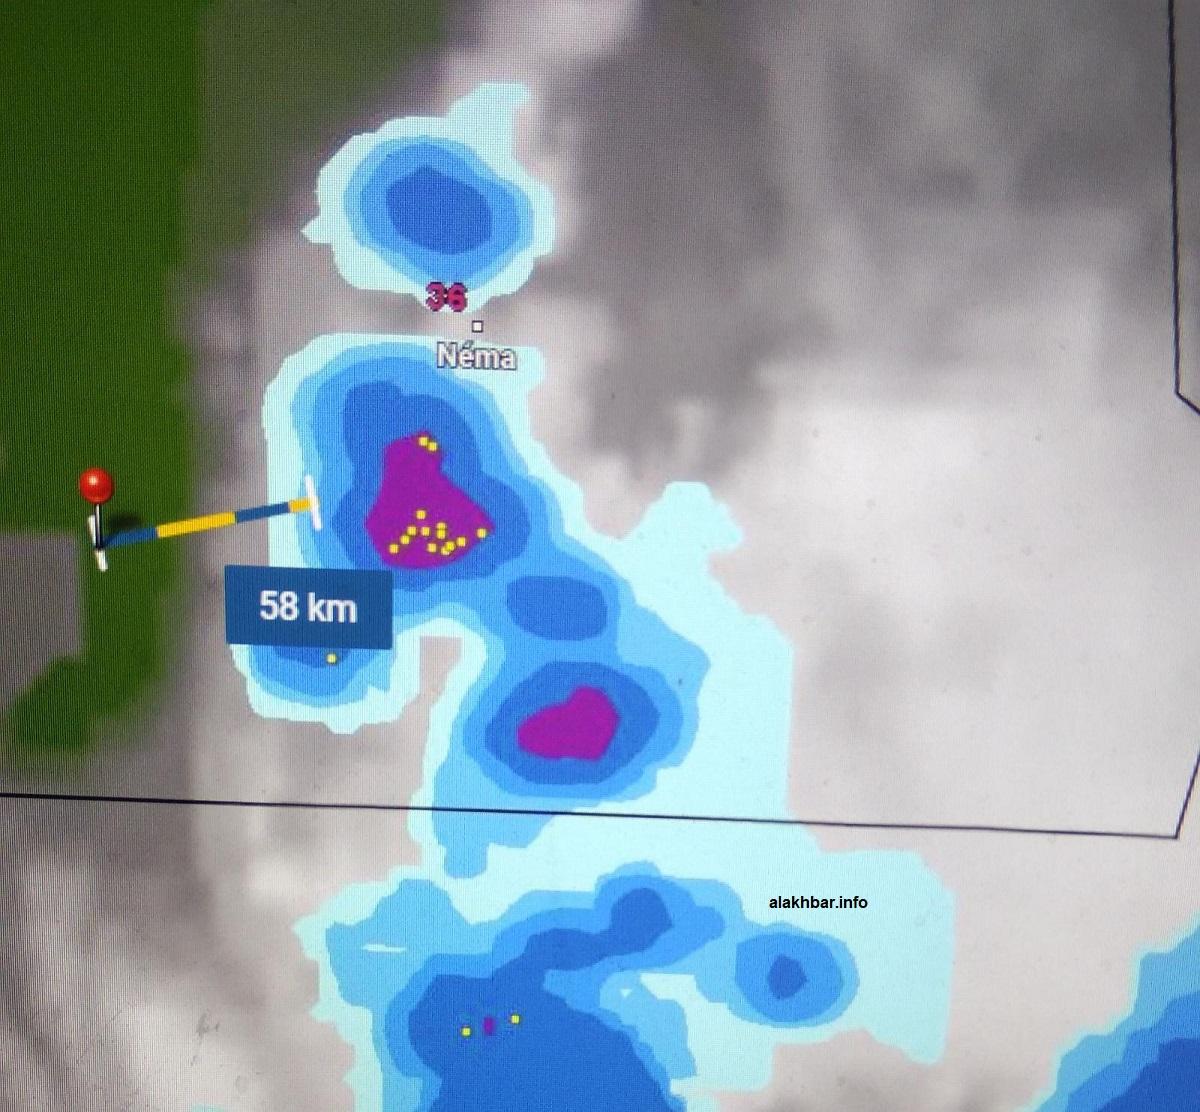 انتشار السحب في أجواء الحوض الشرقي عند الساعة 22:05